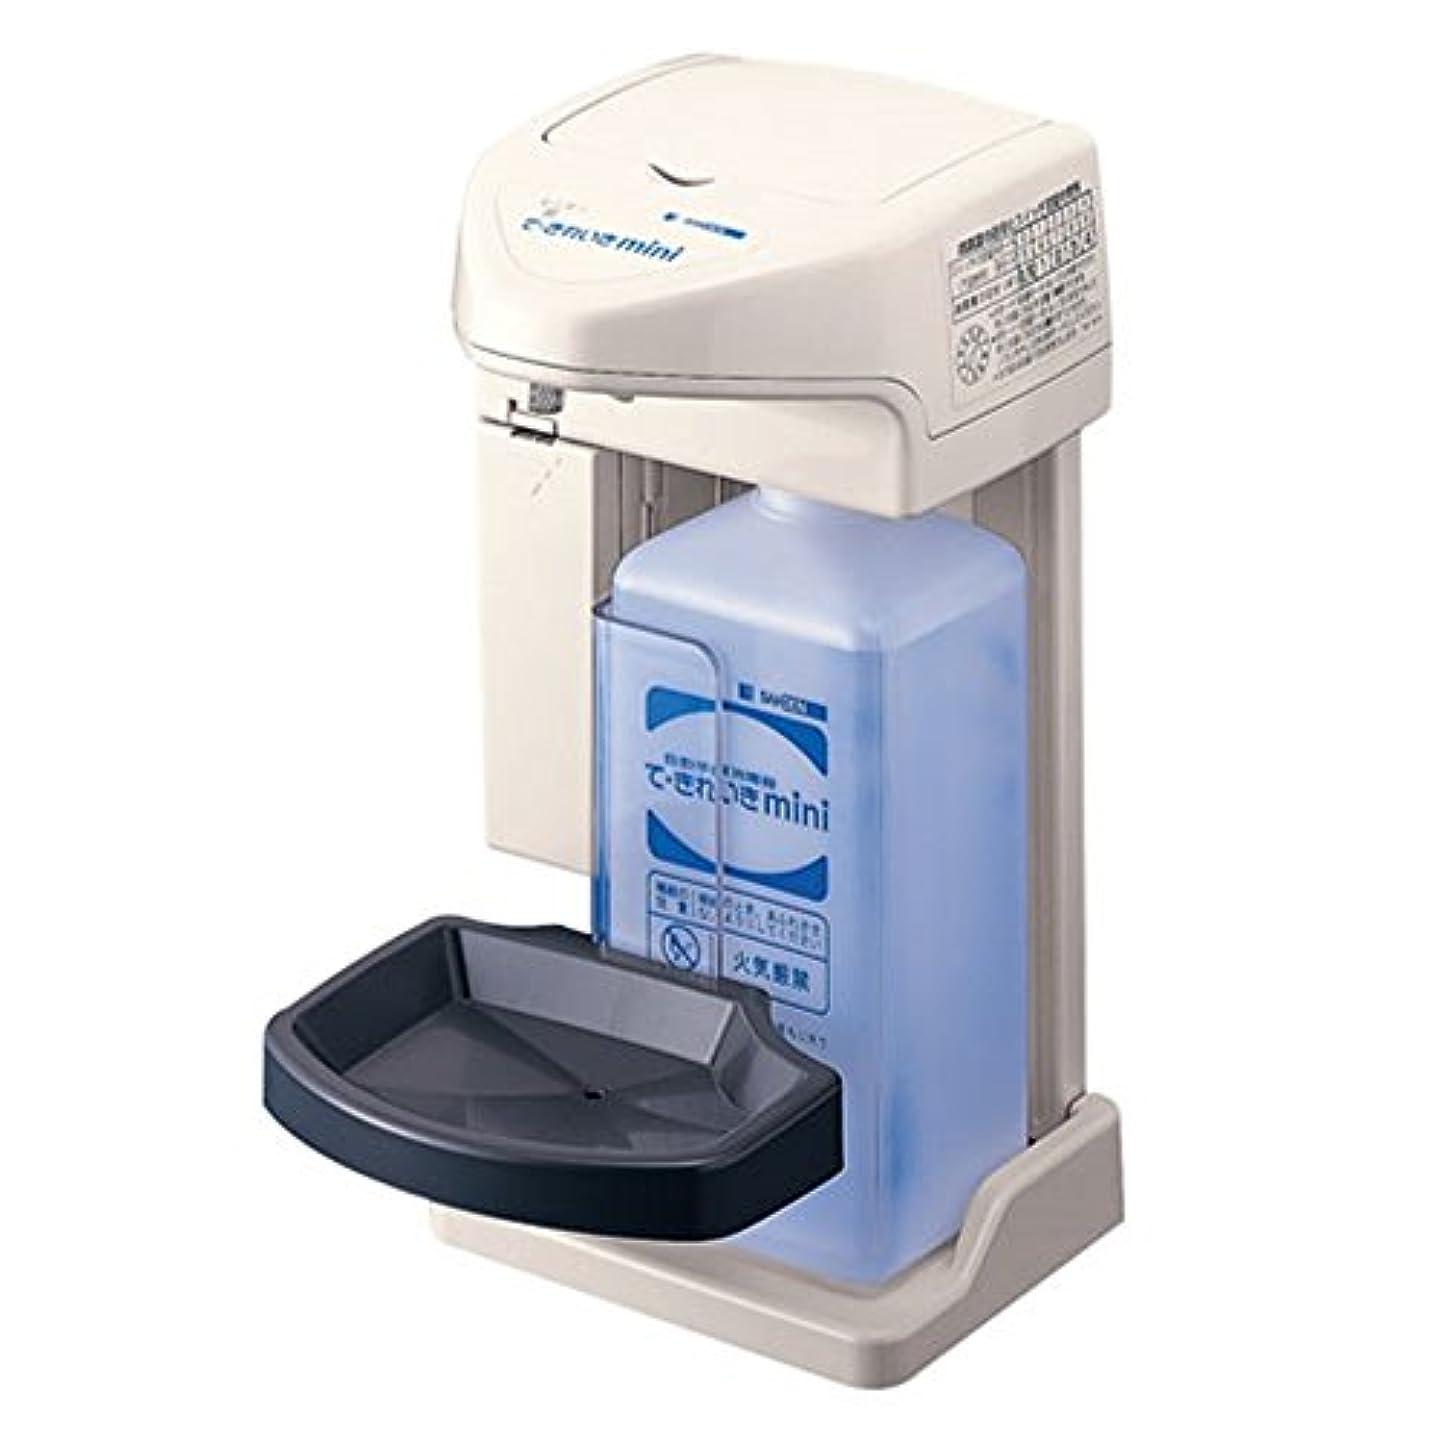 潤滑する純度問題サンデン 自動手指消毒器 て?きれいきMINI TEK-M1B-2